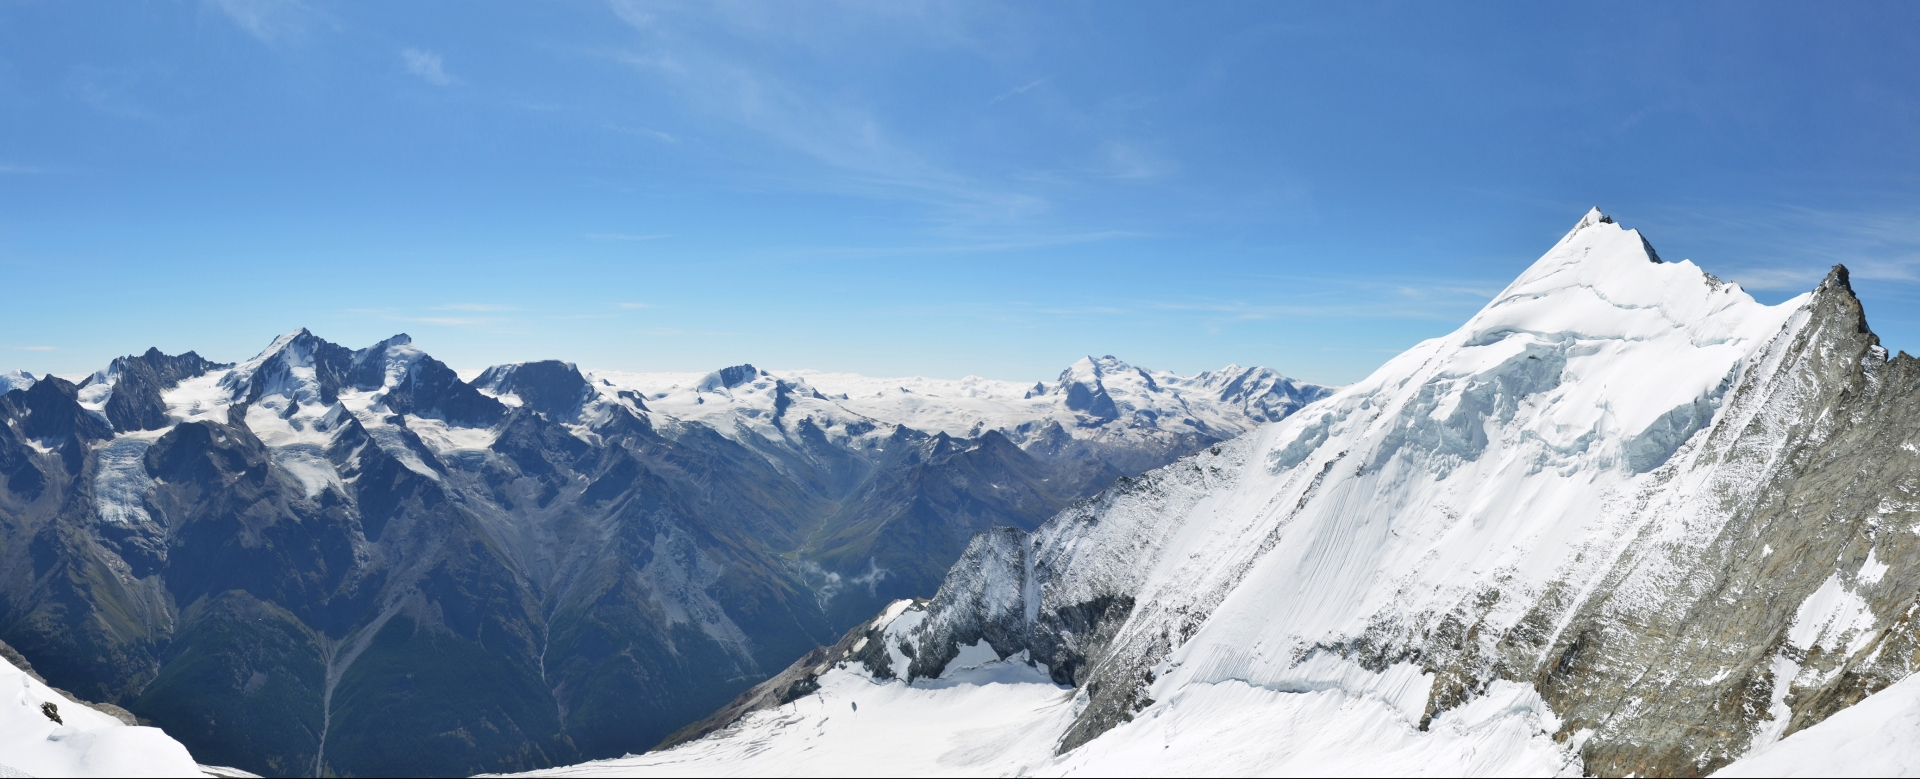 Voyage à pied : La couronne impériale : le bishorn (4153 m)